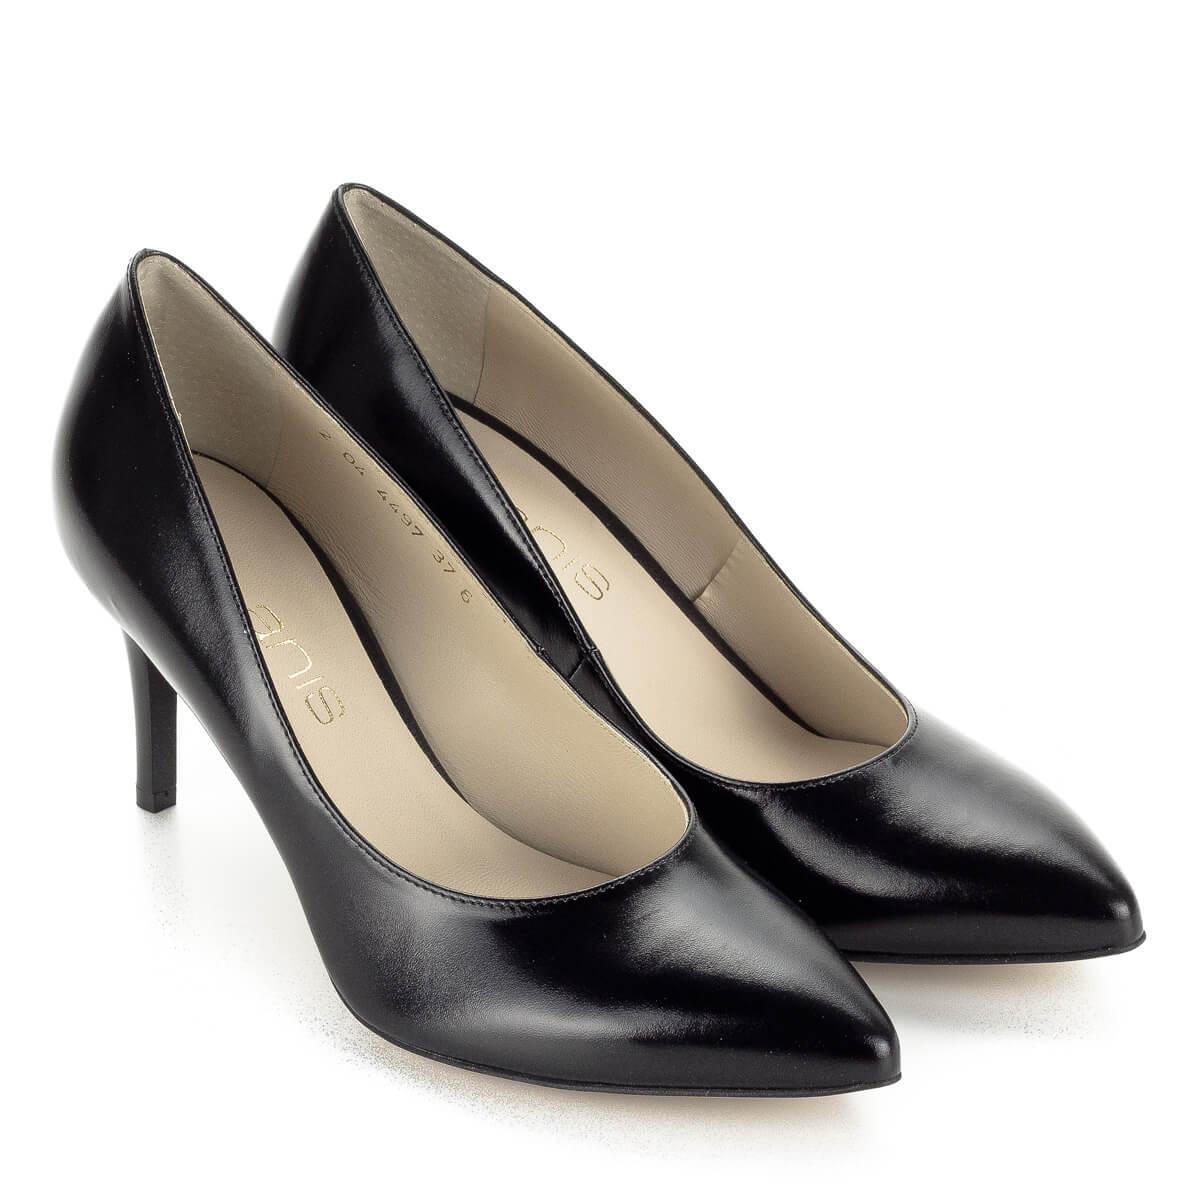 Anis alkalmi cipő fekete színben 1047be91ab